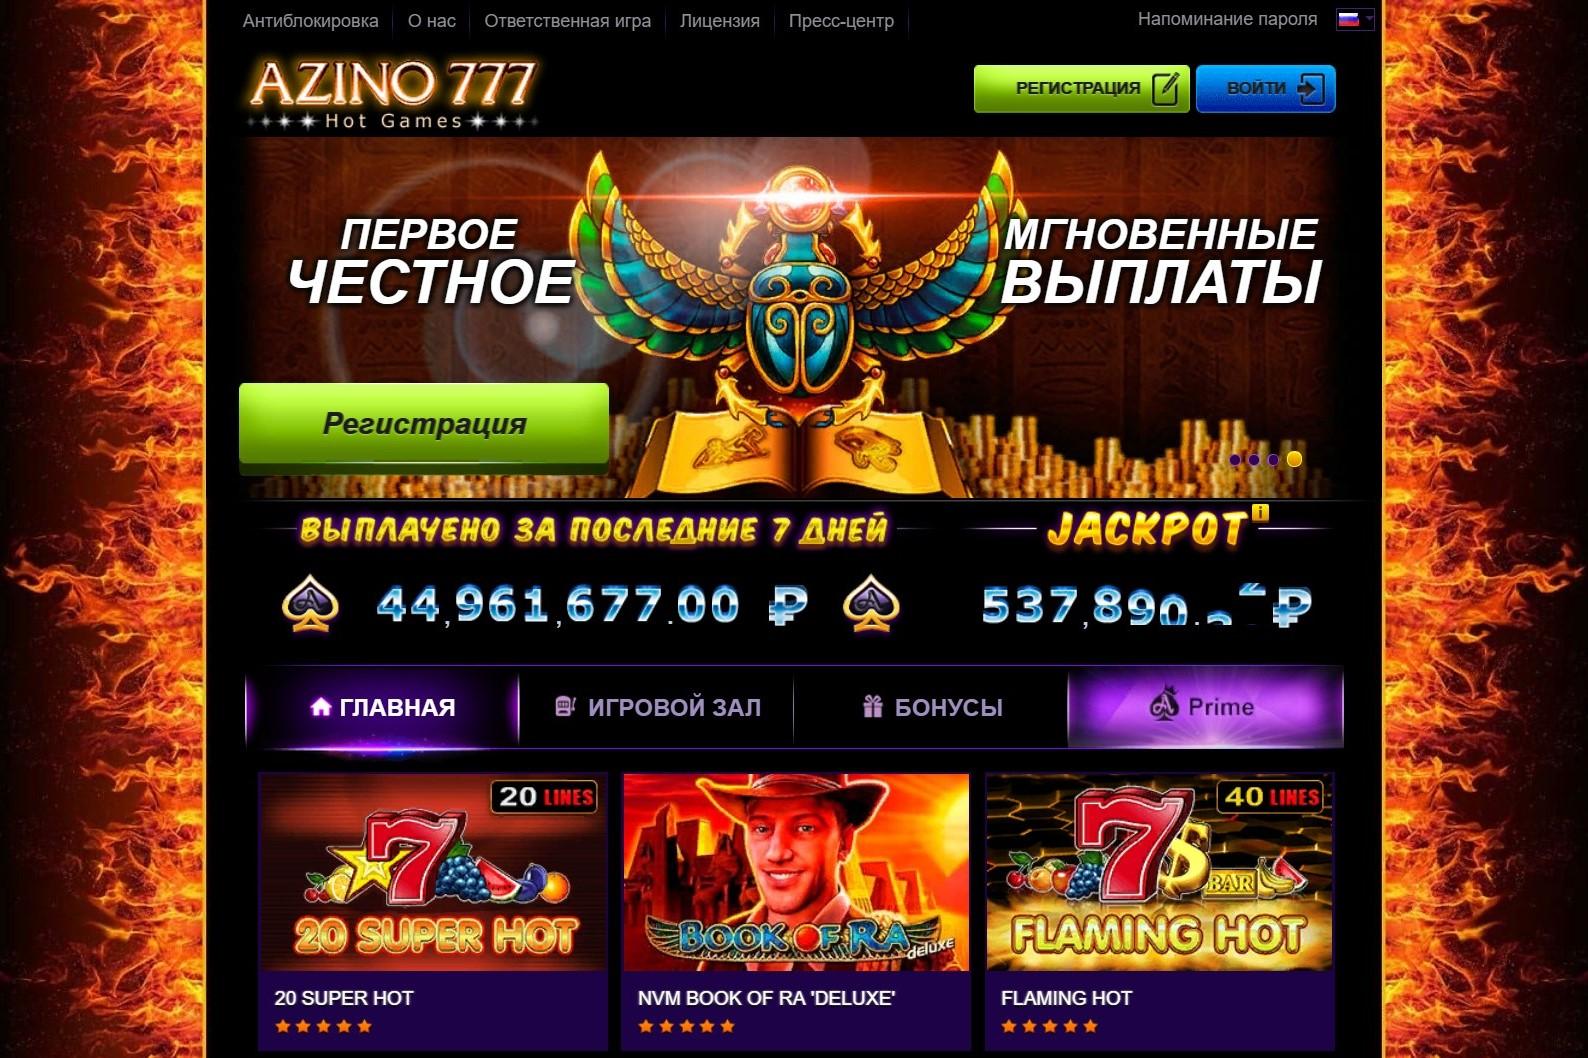 Вход в казино Азино 777